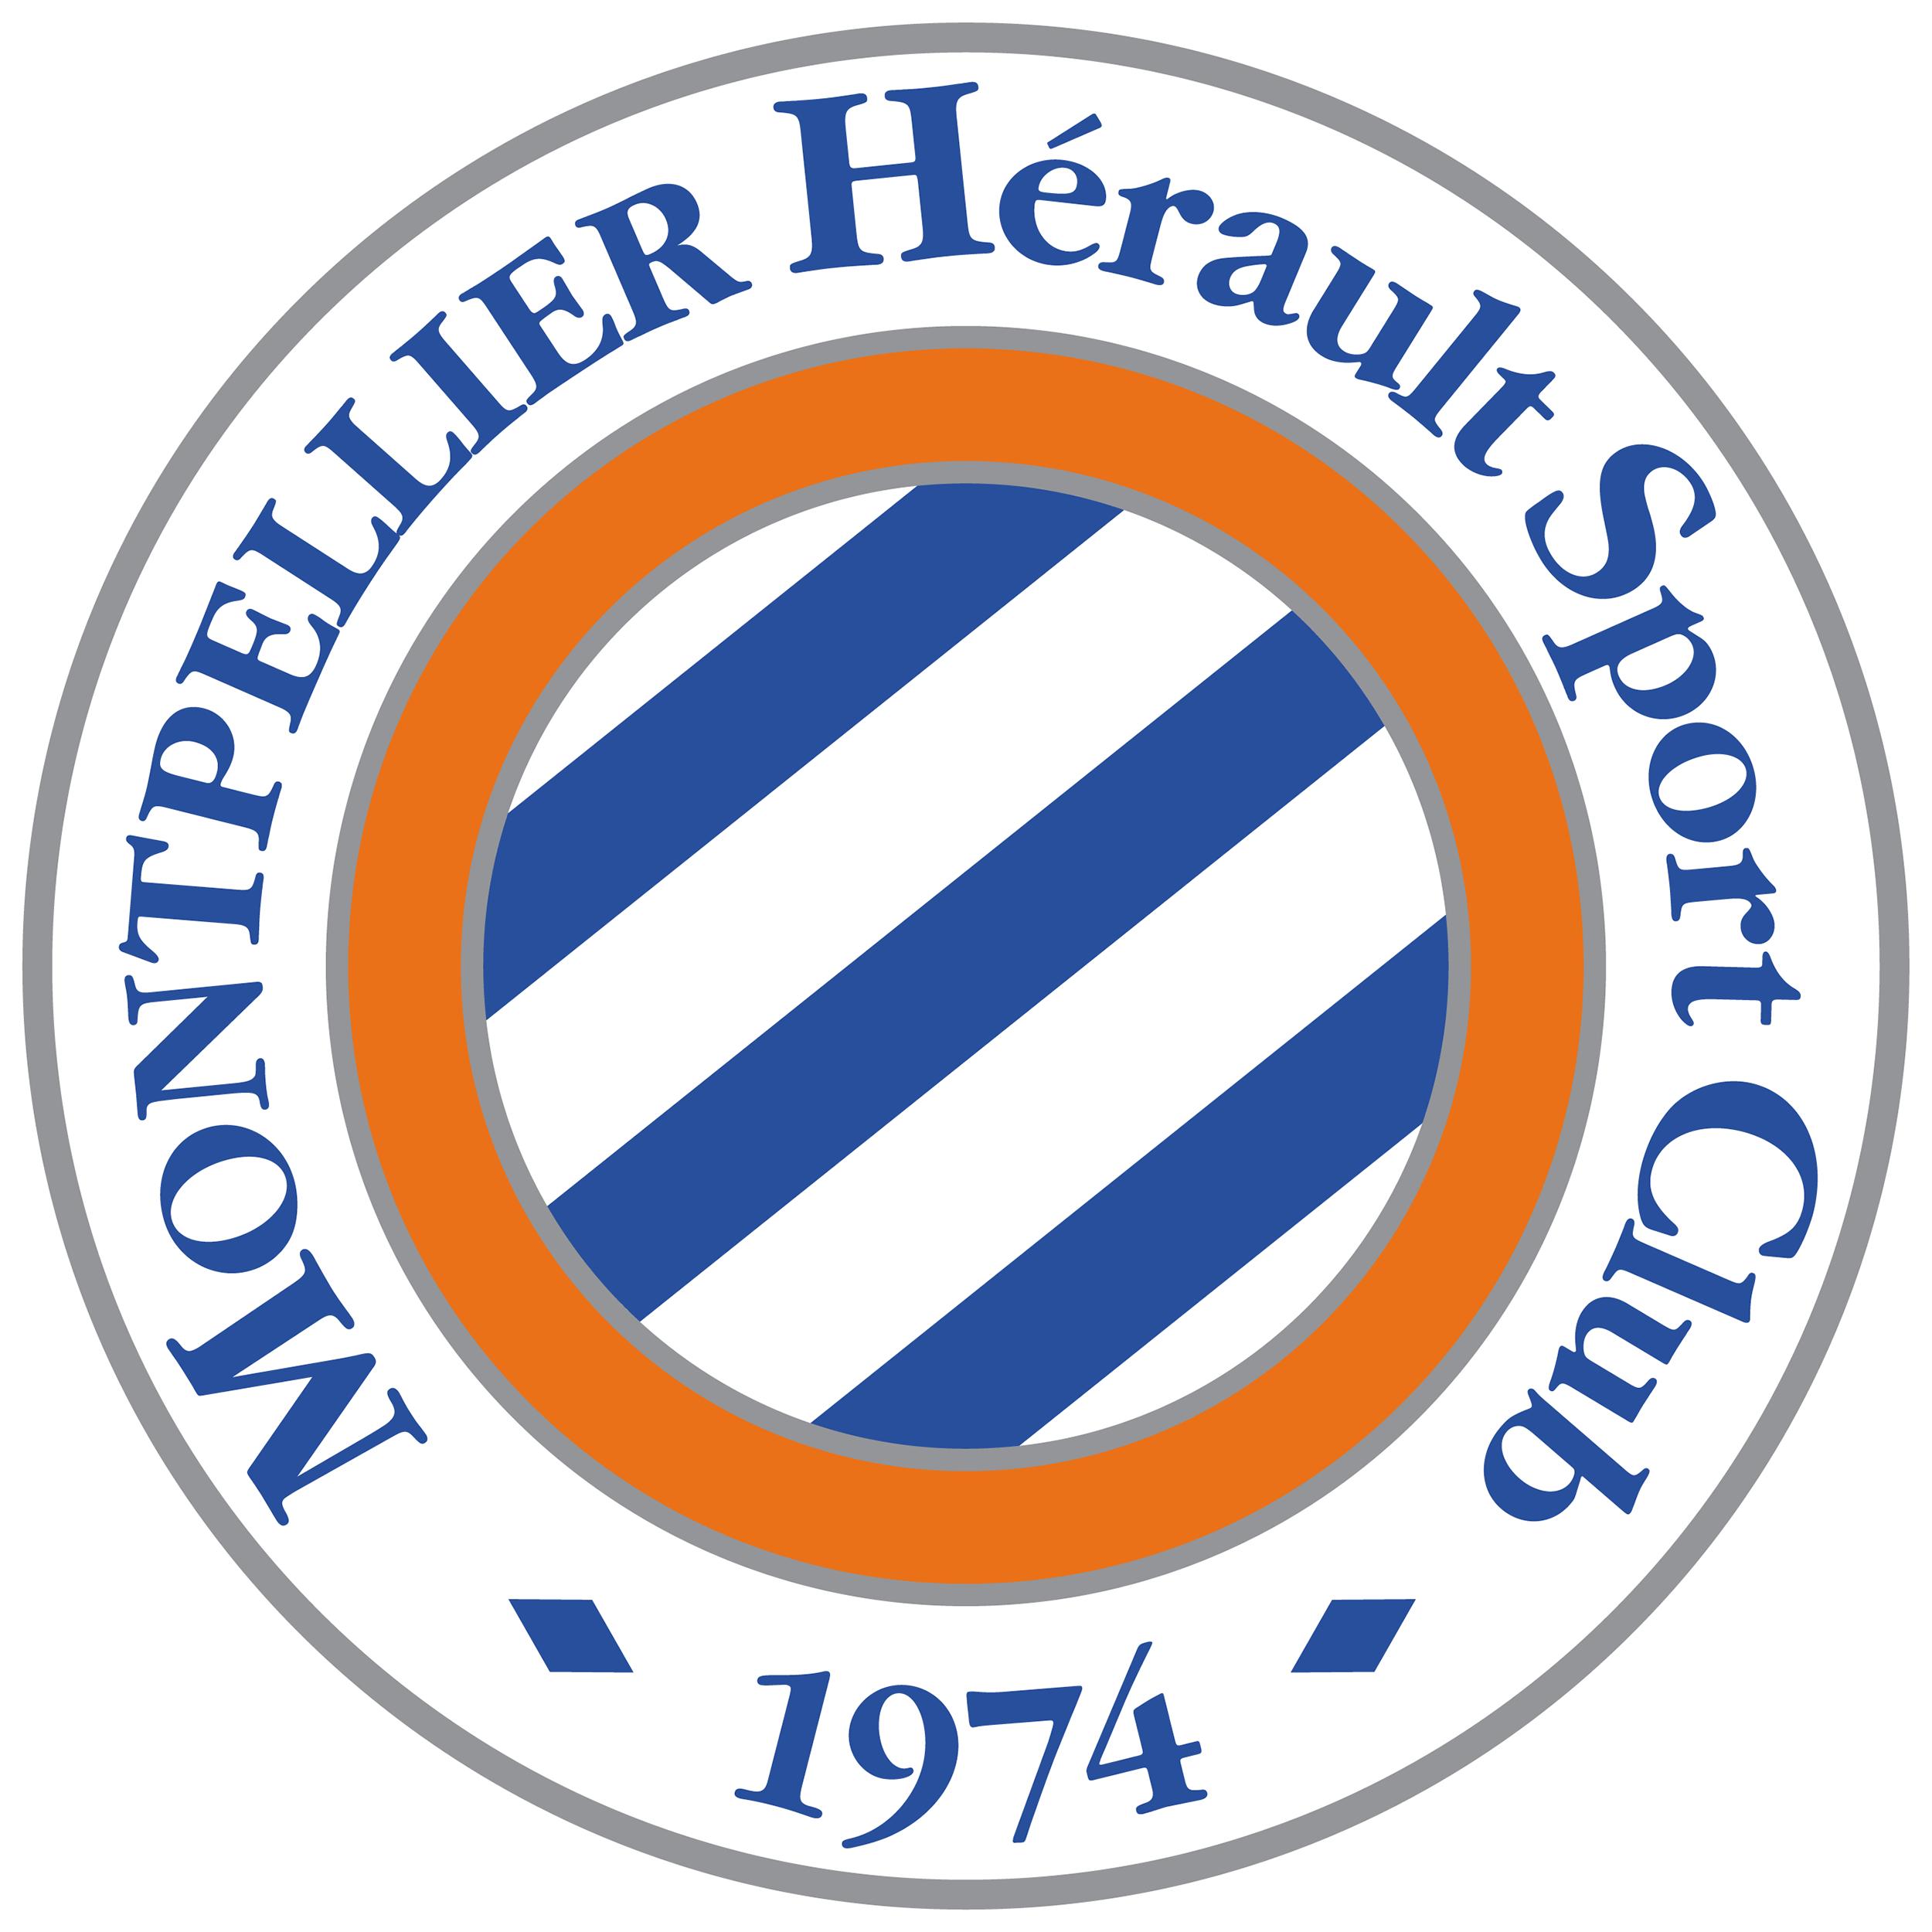 Montpellier (w) team logo